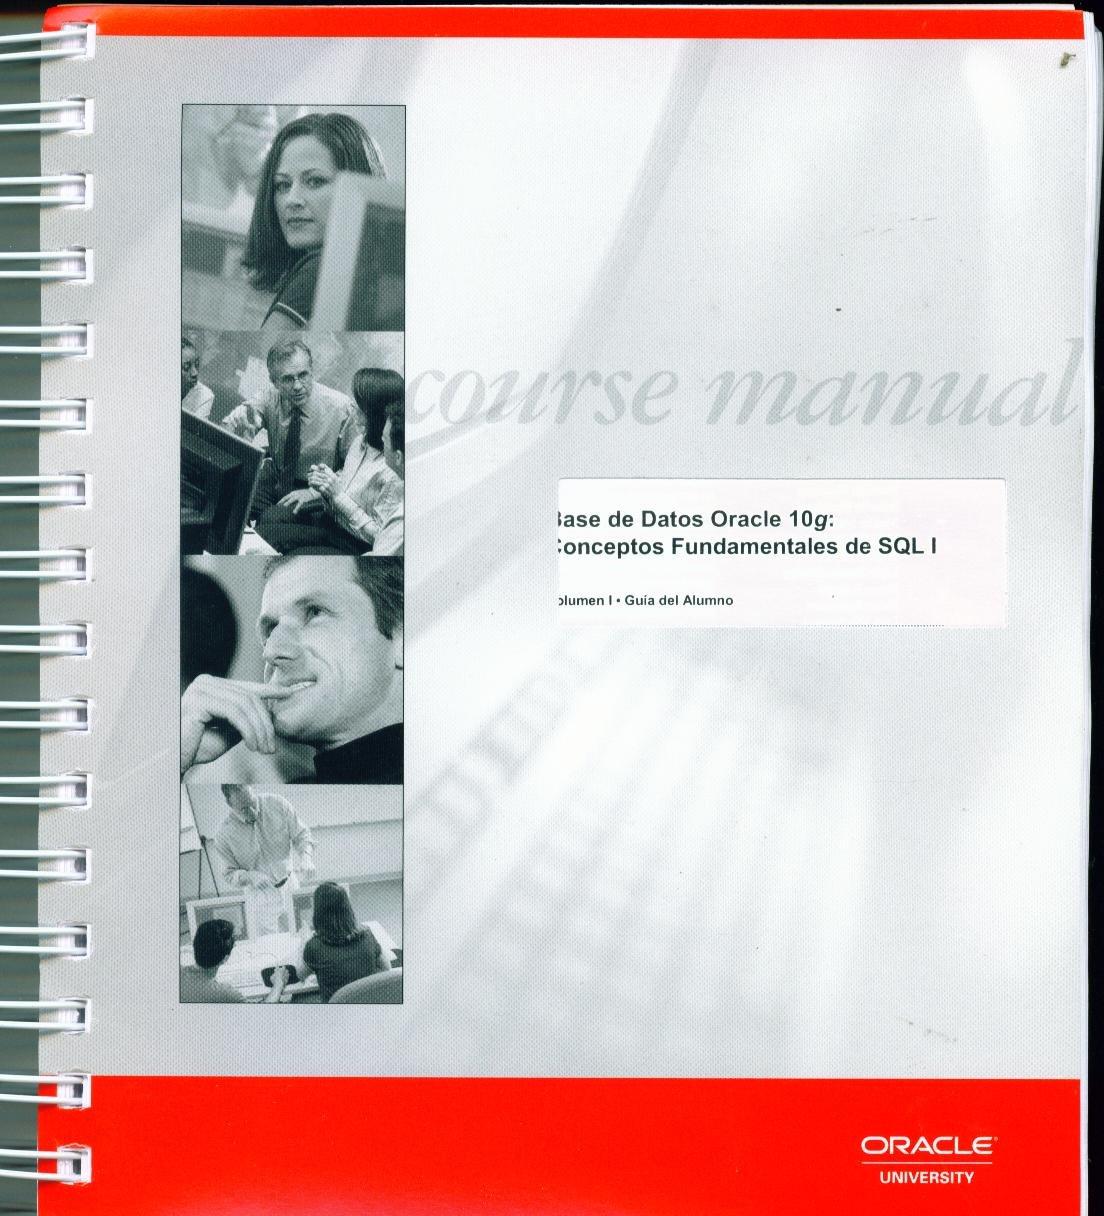 Download Oracle University Course Manual Base de Datos 10g Conceptos Fundamentales de SQL 1 Volumen I II and III pdf